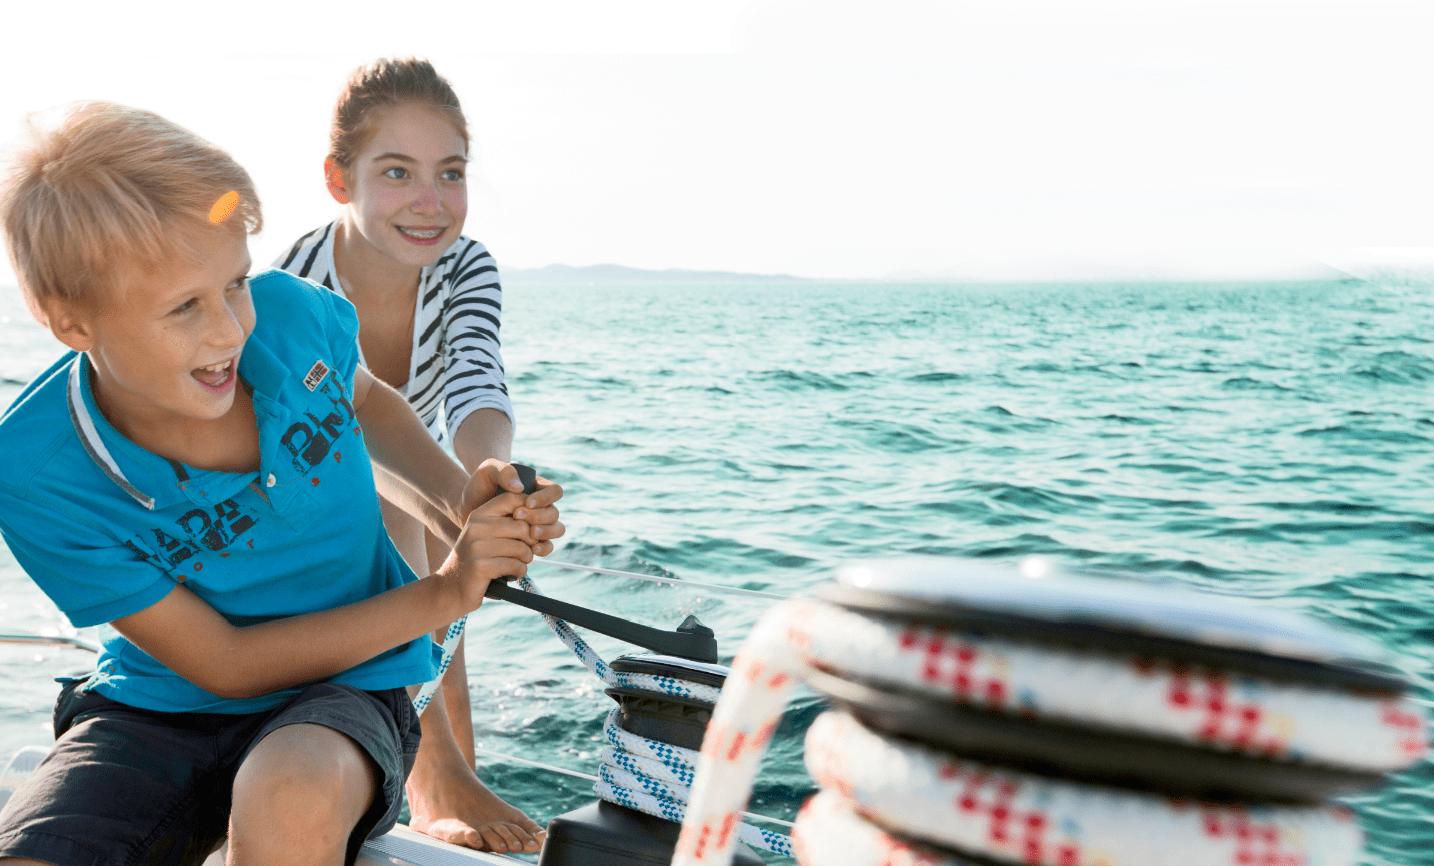 Bimbi a bordo tutti i consigli giusti del pap medico for Accessori per barca a vela